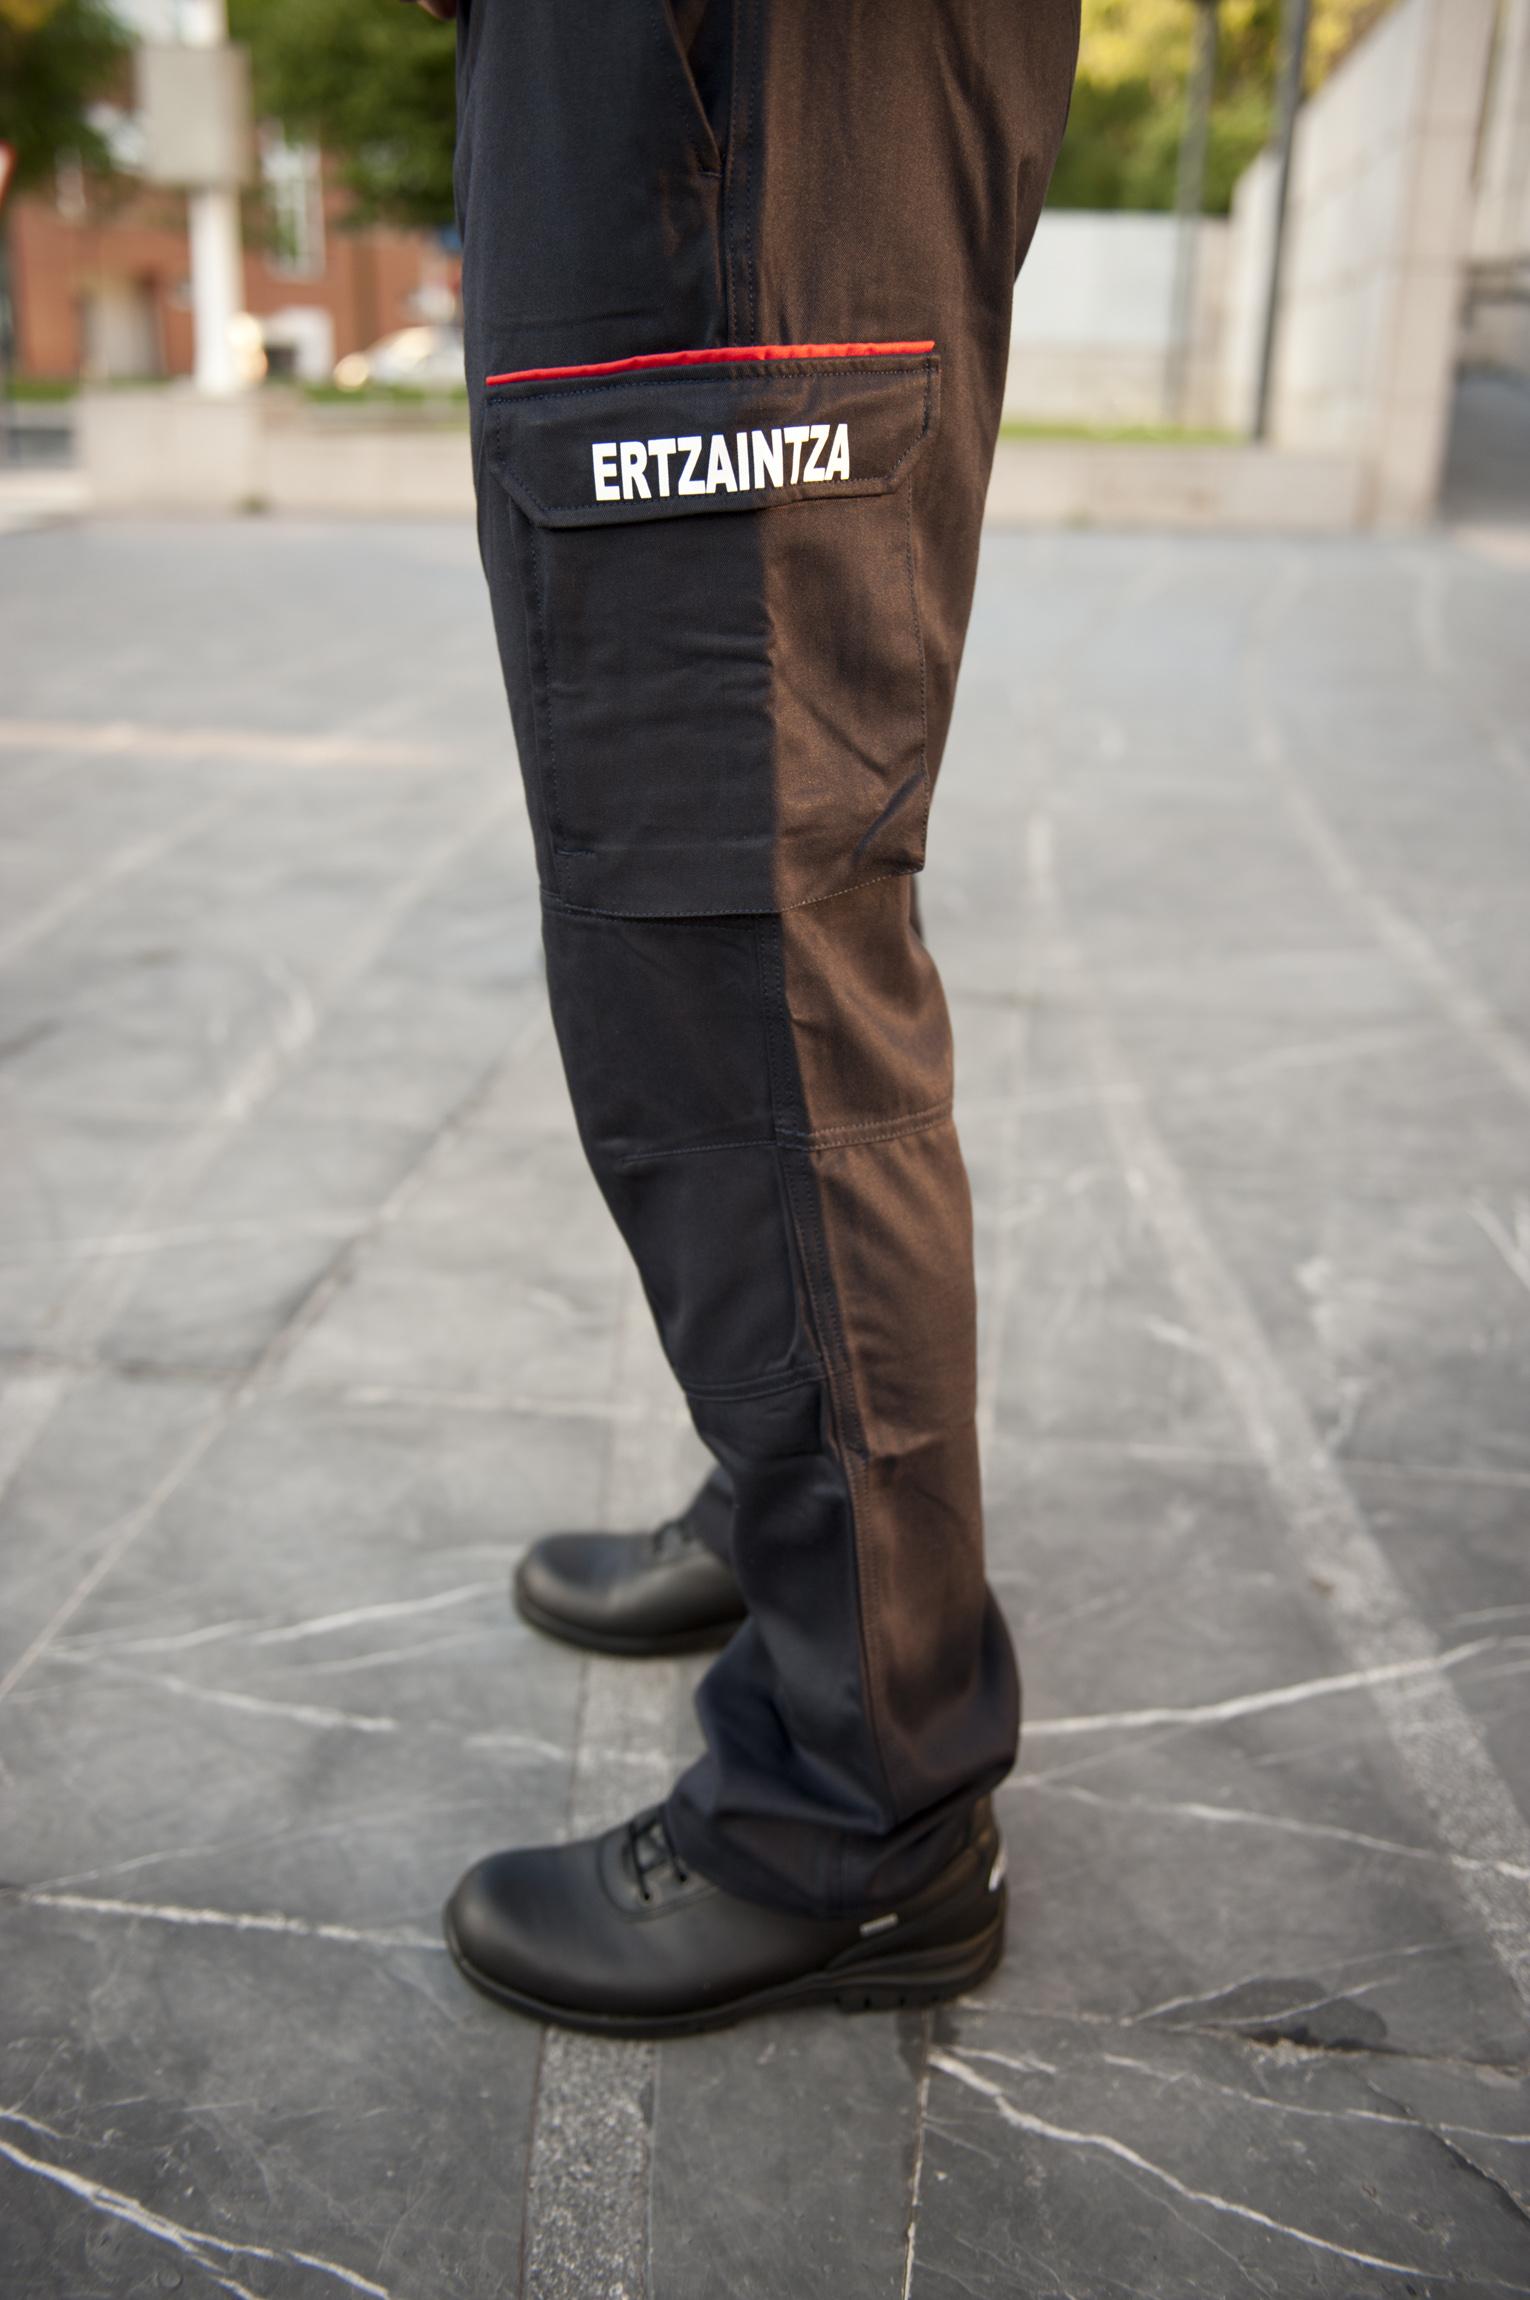 2011_07_23_ertzaintza_uniforme_003.jpg